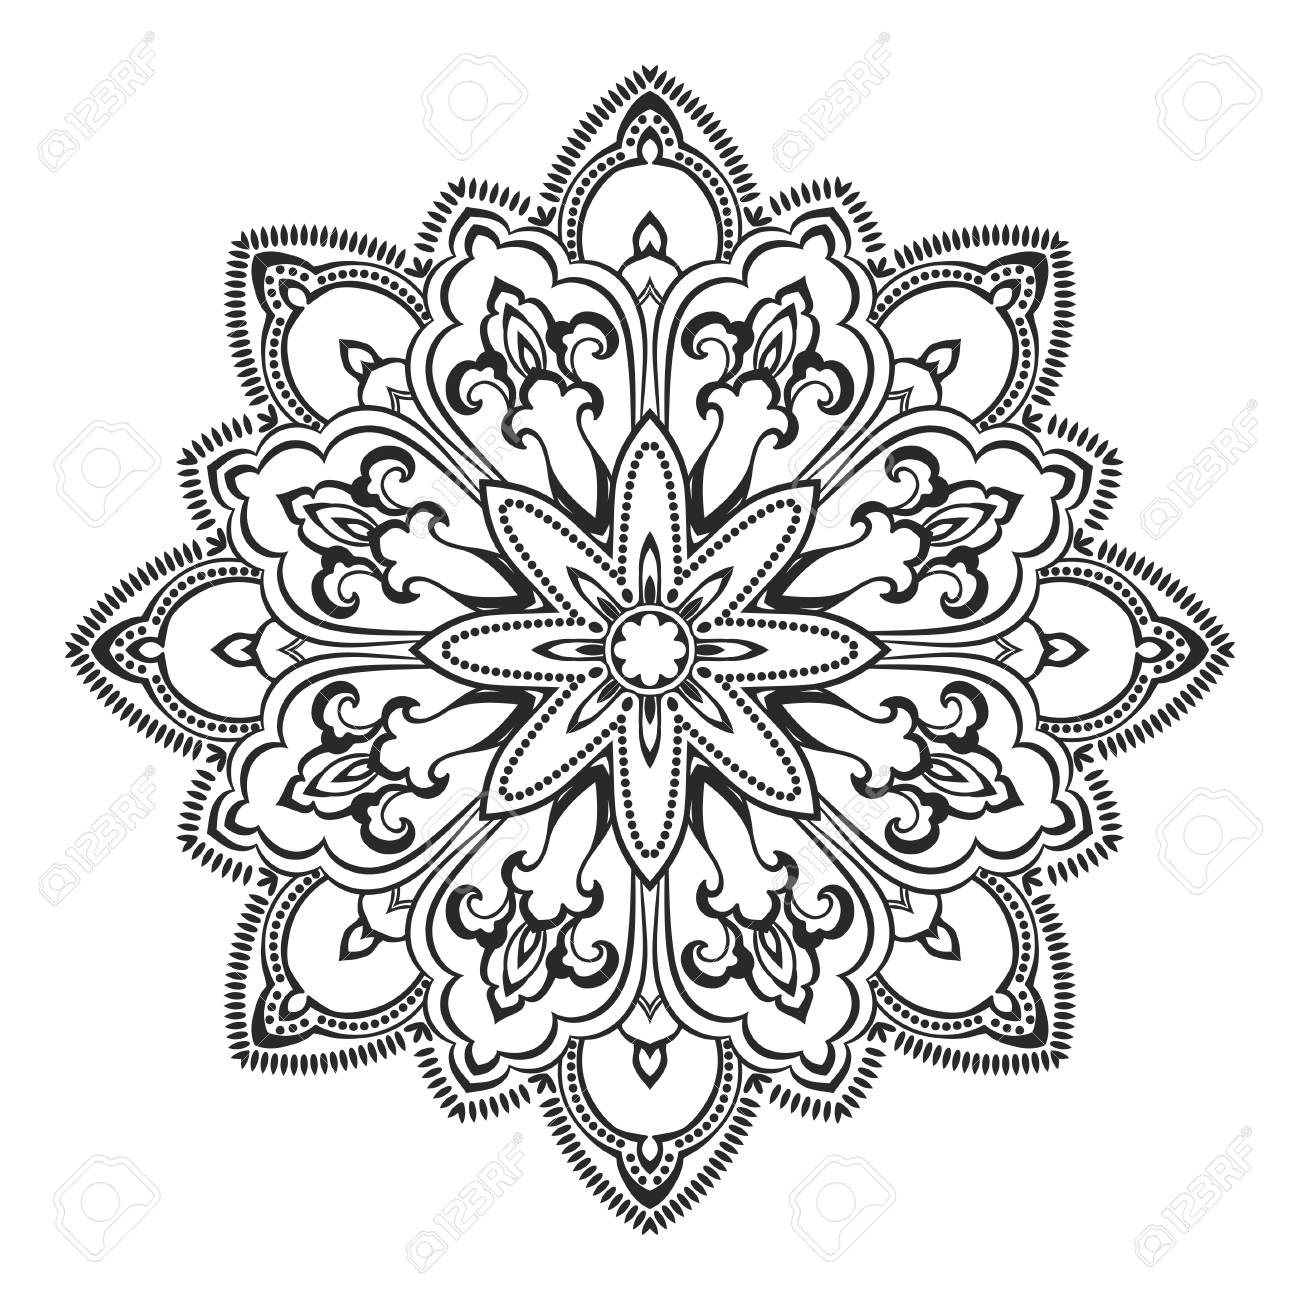 Elemento Decorativo étnica Mano Vector Dibujado Mandala Blanco Y Negro Para Colorear Página Orienta Motivos